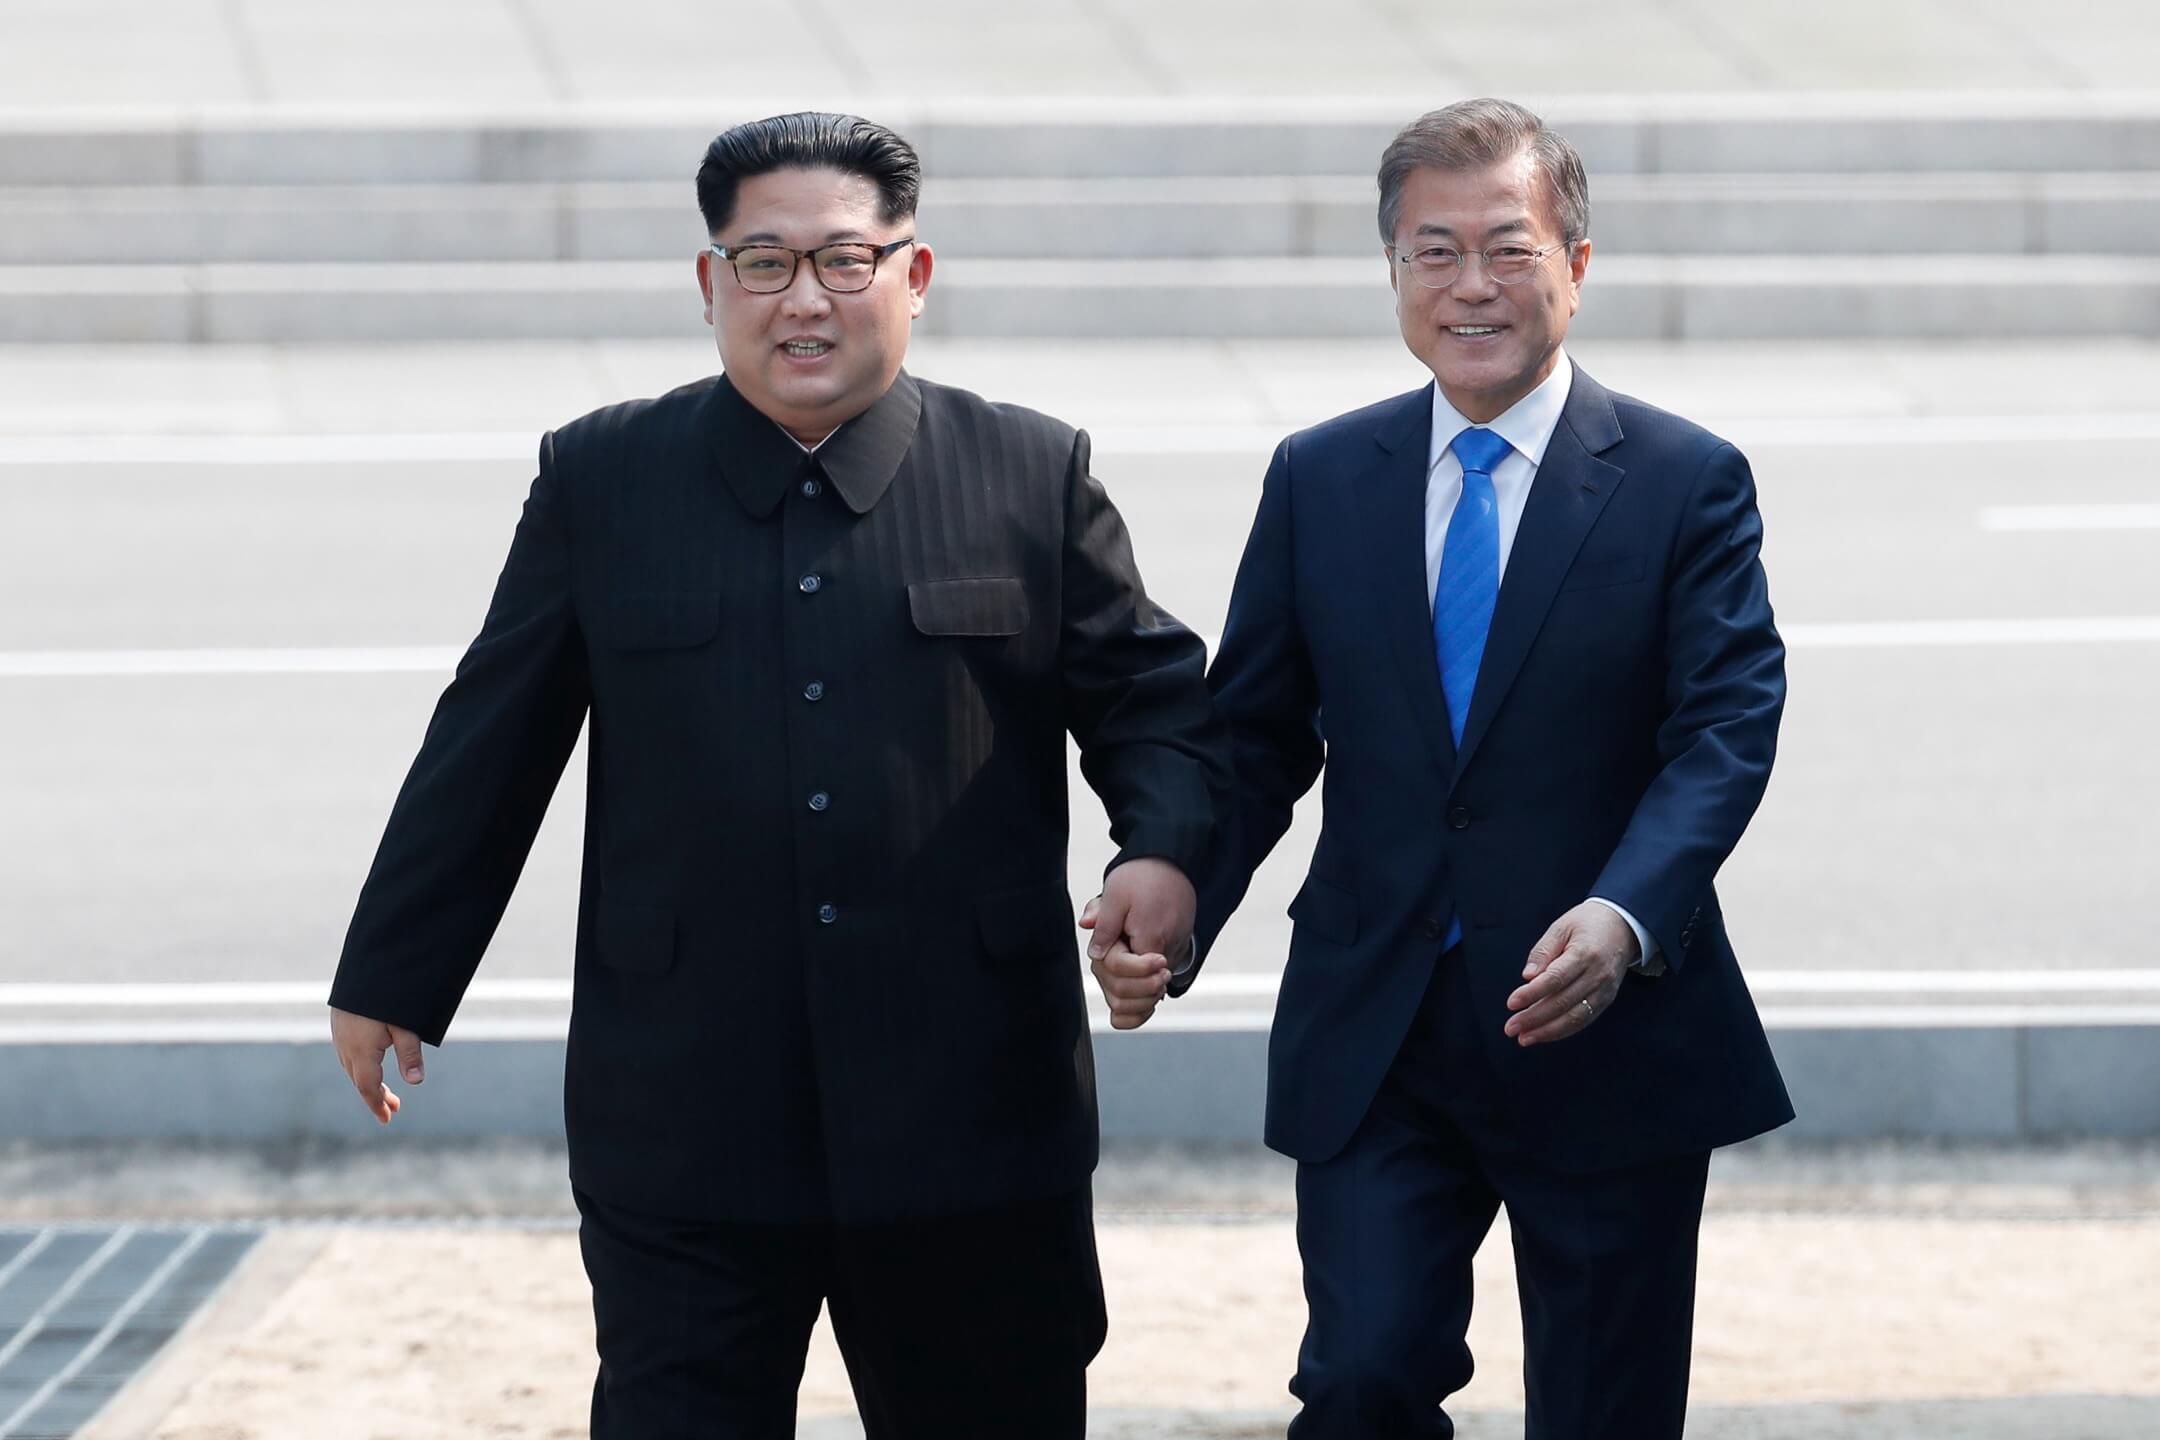 韓半島即將迎來第三次南北首腦會談,雙方領導人將在板門店進行歷史性會晤,主要議題包括實現無核化、構建和平體制、改善南北關係等。圖為2018年4月27日,南韓總統文在寅與北韓領袖金正恩於板門店非軍事區携手越過三八線。 攝:Inter-Korean Summit Press Pool/Anadolu Agency/Getty Images